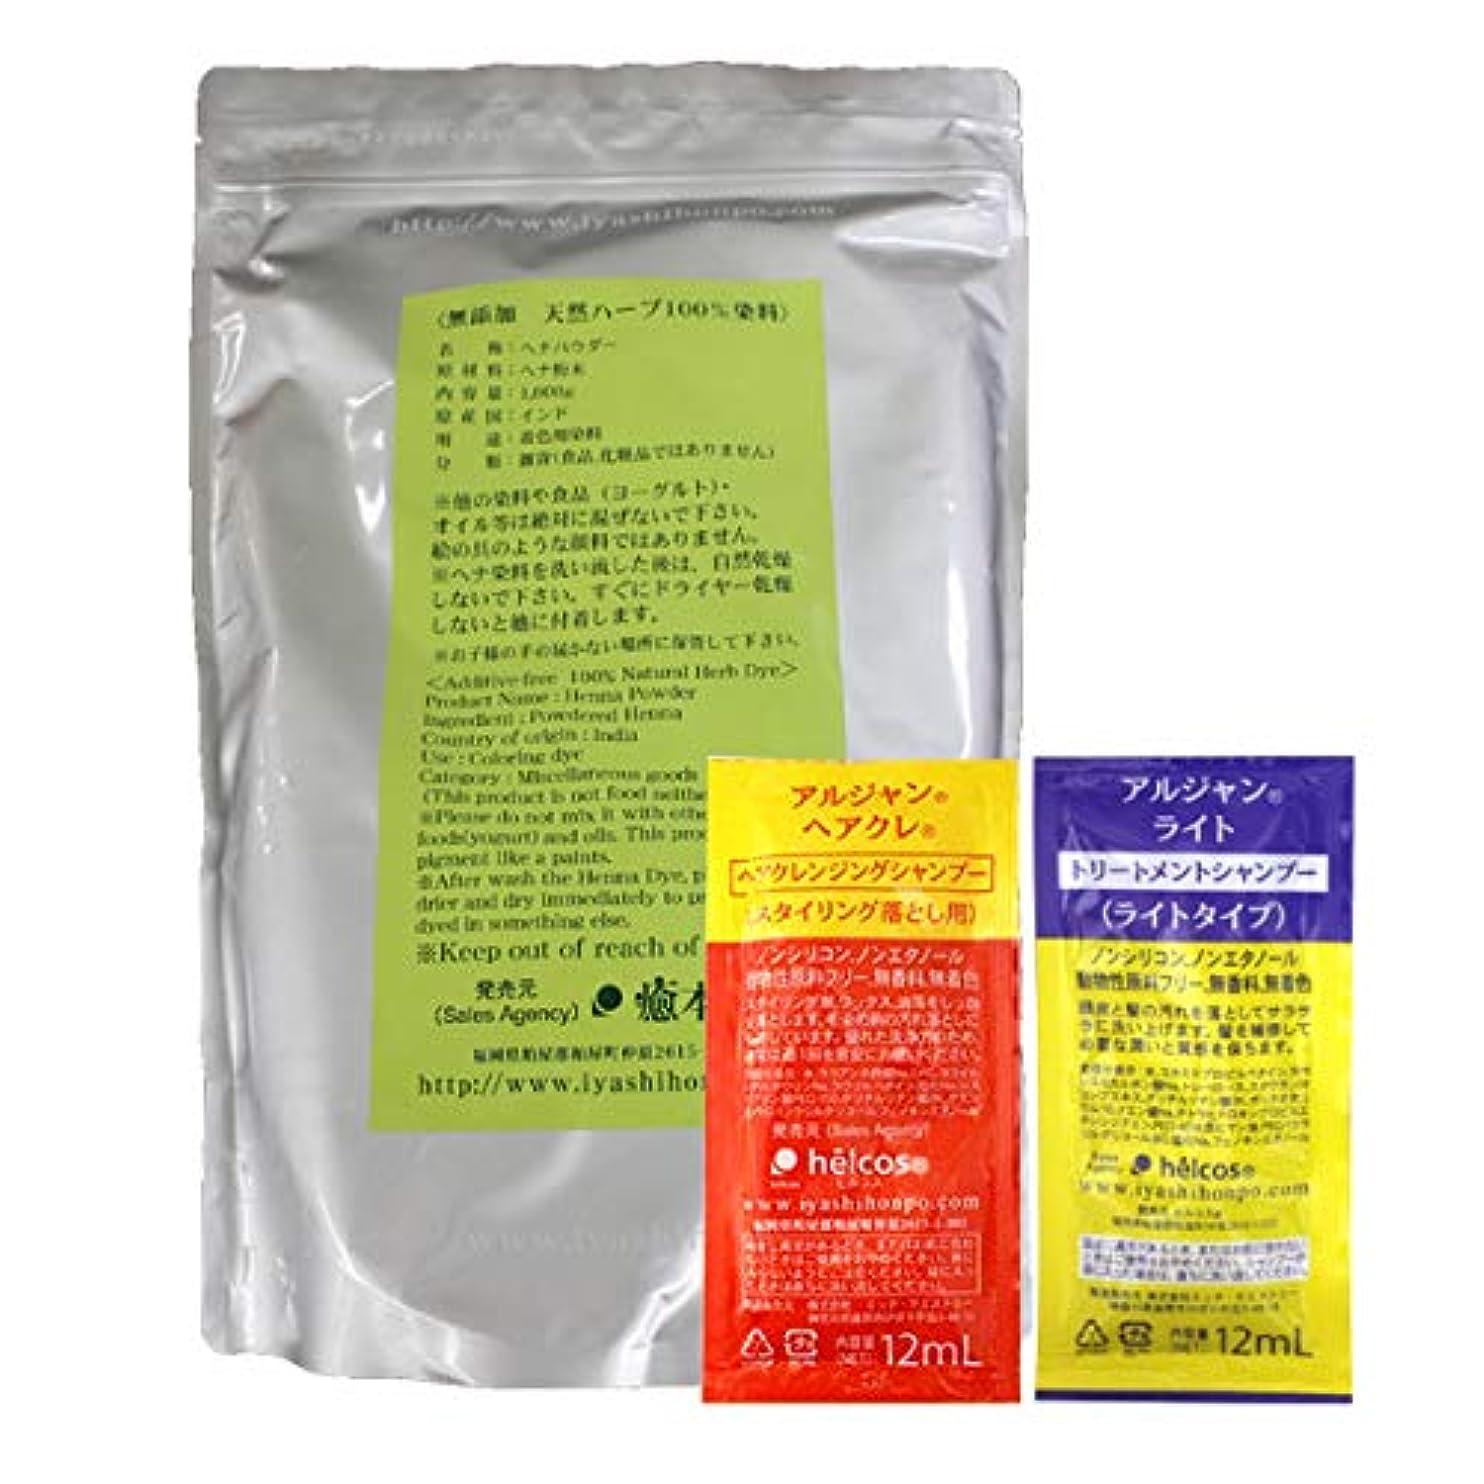 選択する柱補体白髪染め ヘナ(天然染料100%) 1,000g + シャンプー2種セット 癒本舗(ブラウン)